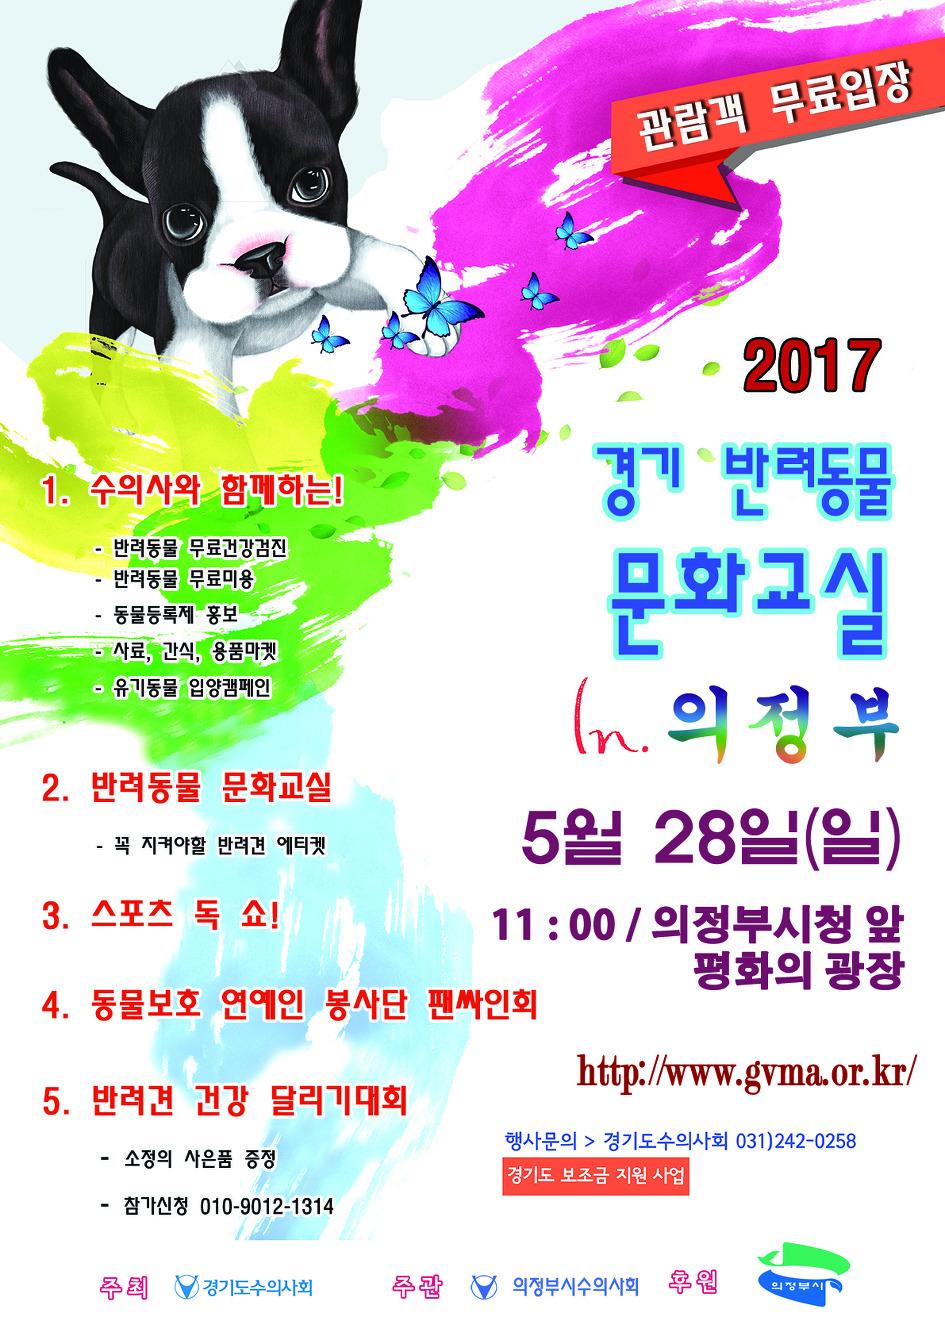 2017 경기 반려동물 문화교실(의정부)